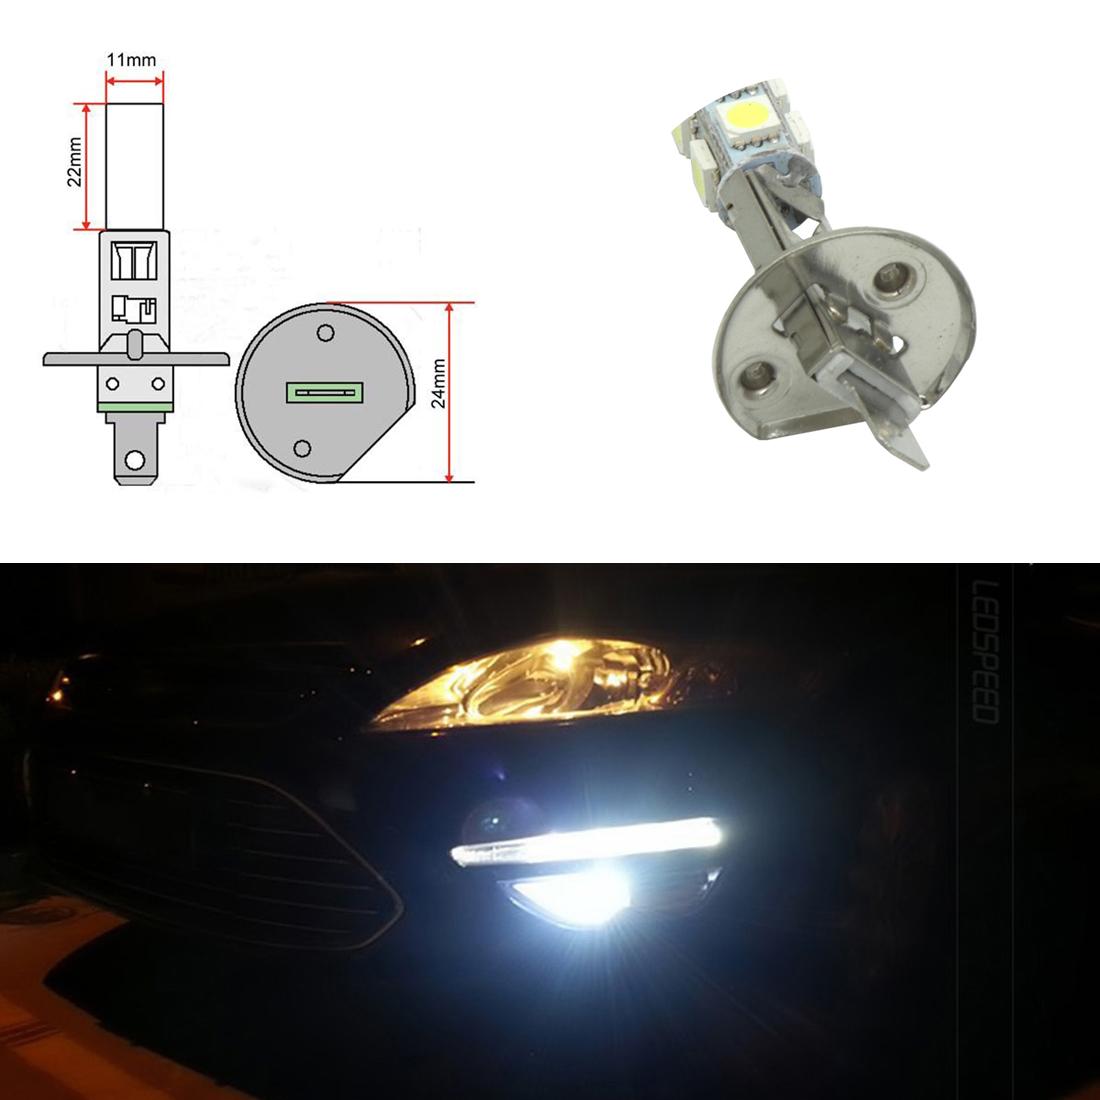 2x H1 9Smd 5050 Led 12v Car High Main Beam Headlight Bulbs Fog lamp Xenon White